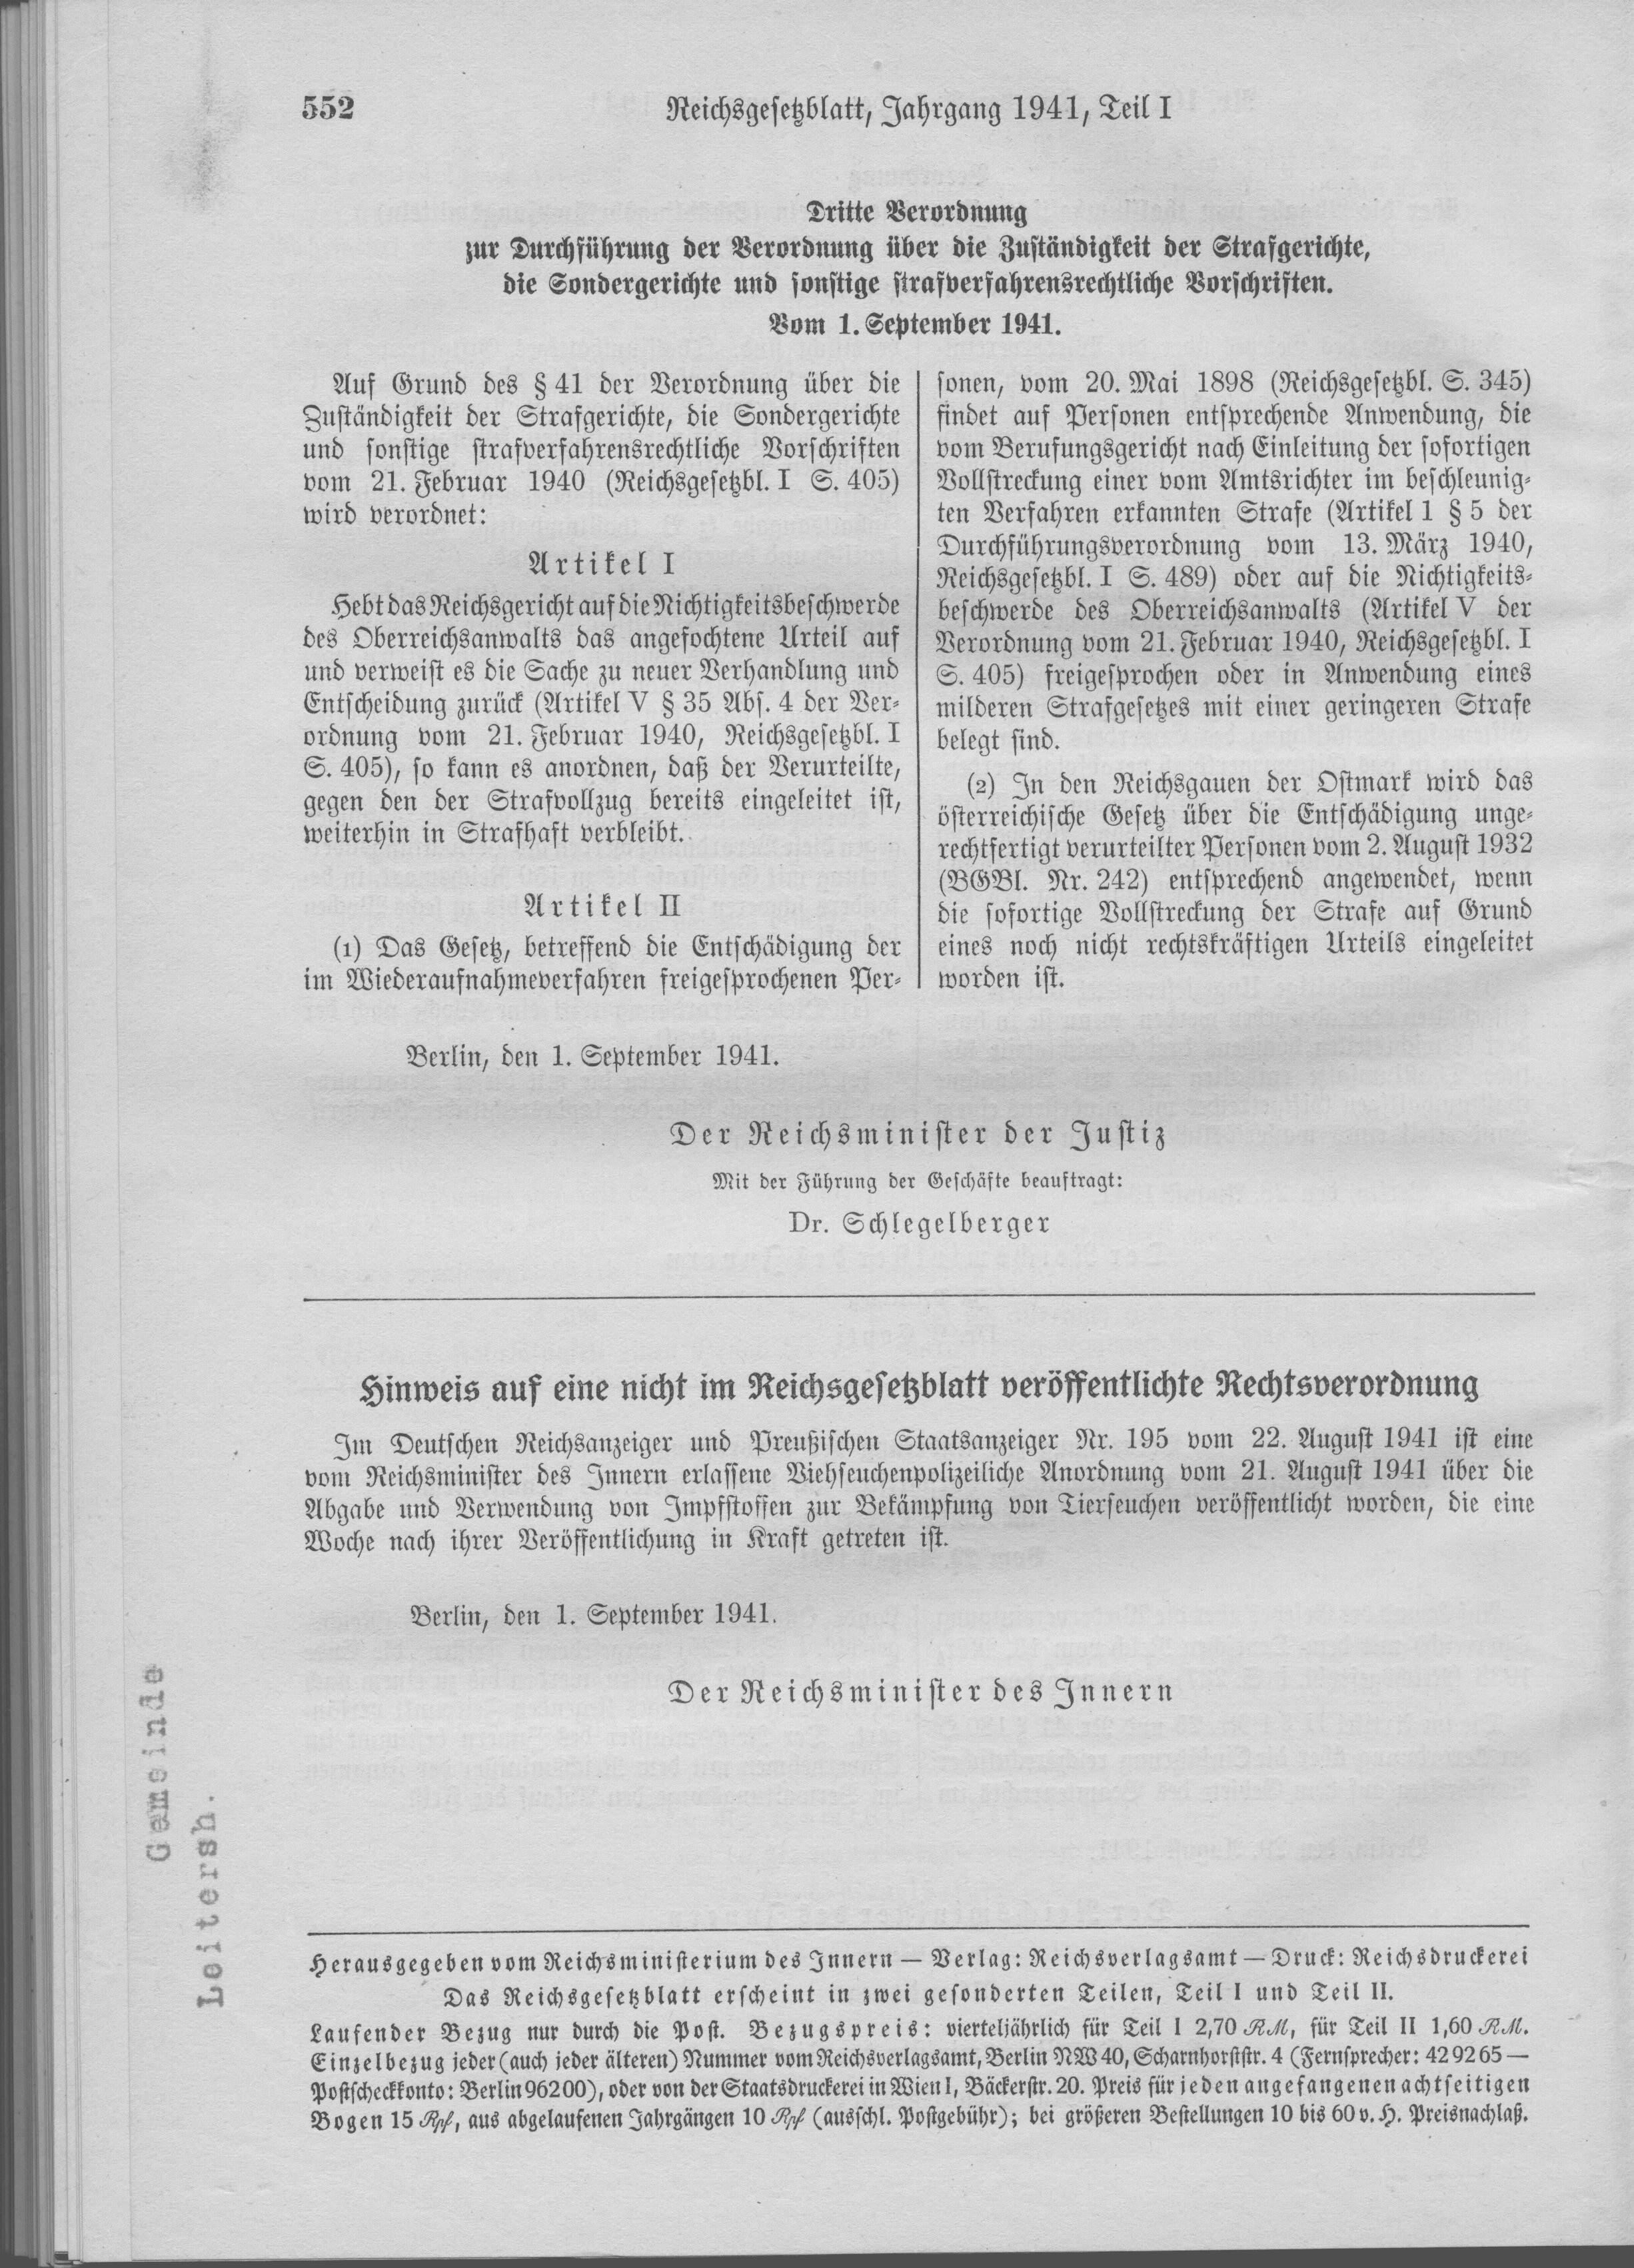 File:Deutsches Reichsgesetzblatt 41T1 101 0552.jpg - Wikimedia Commons